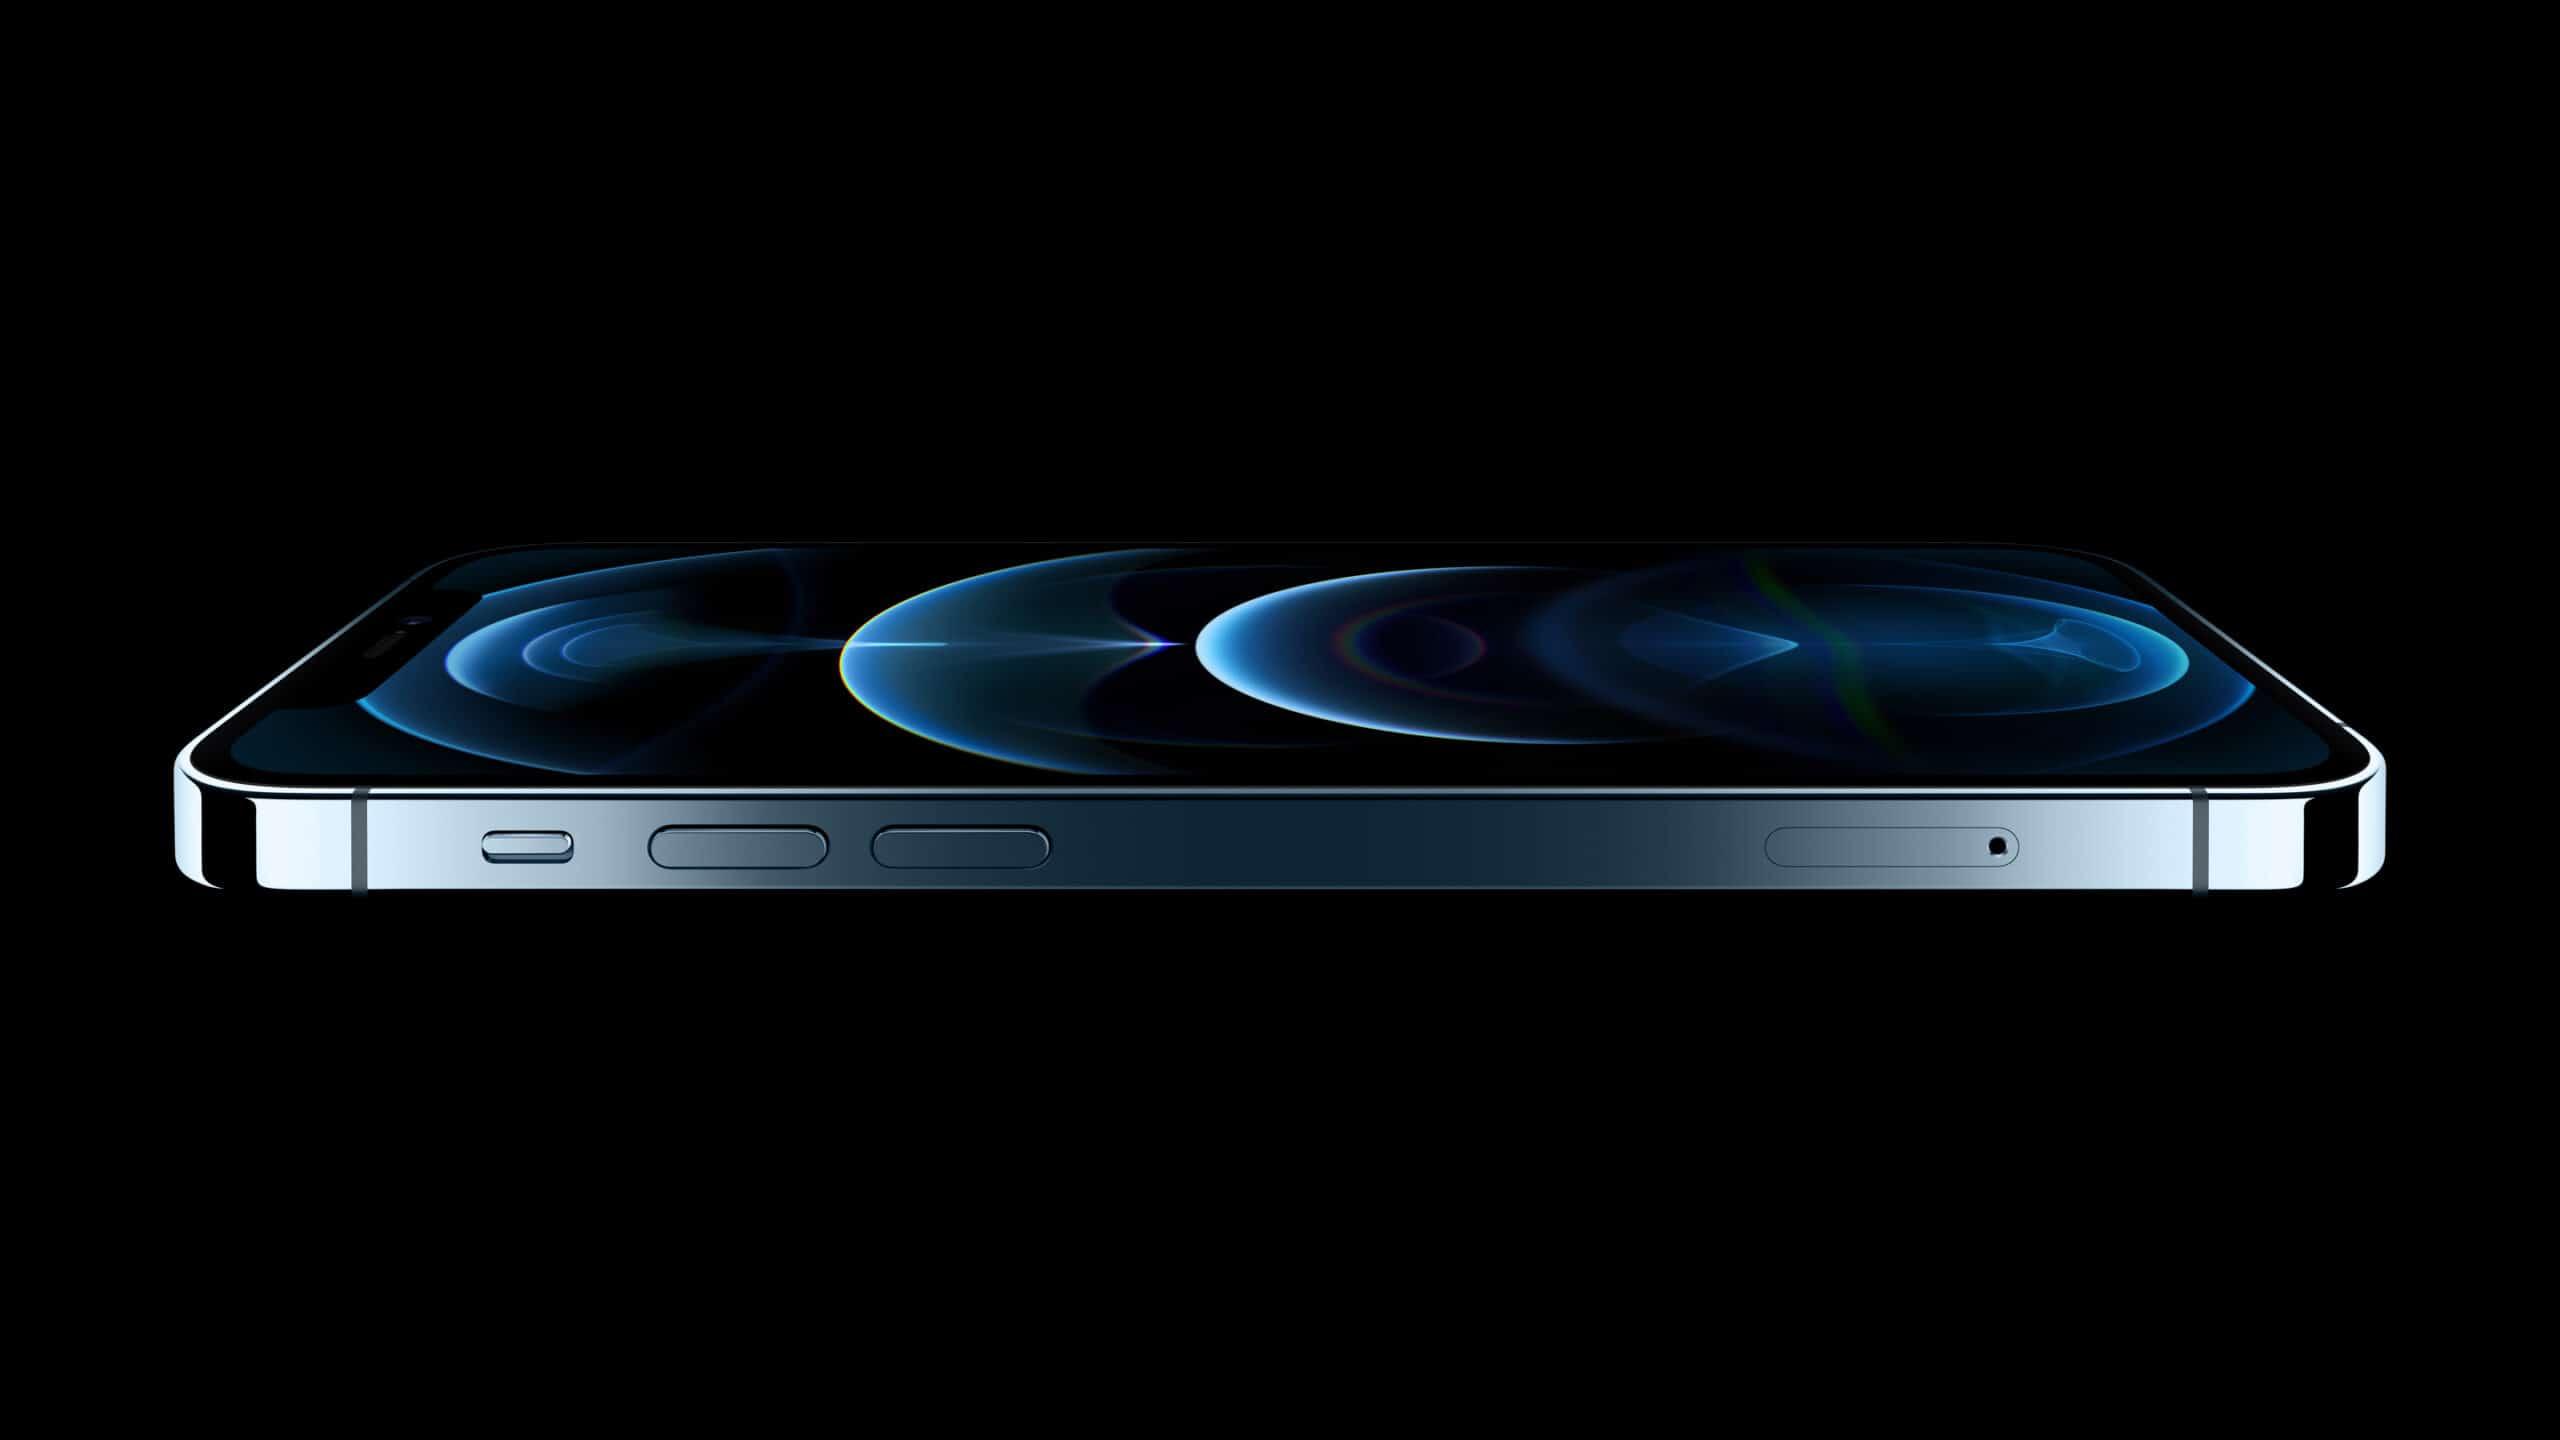 iPhone 12 Pro deitado na cor azul pacífico